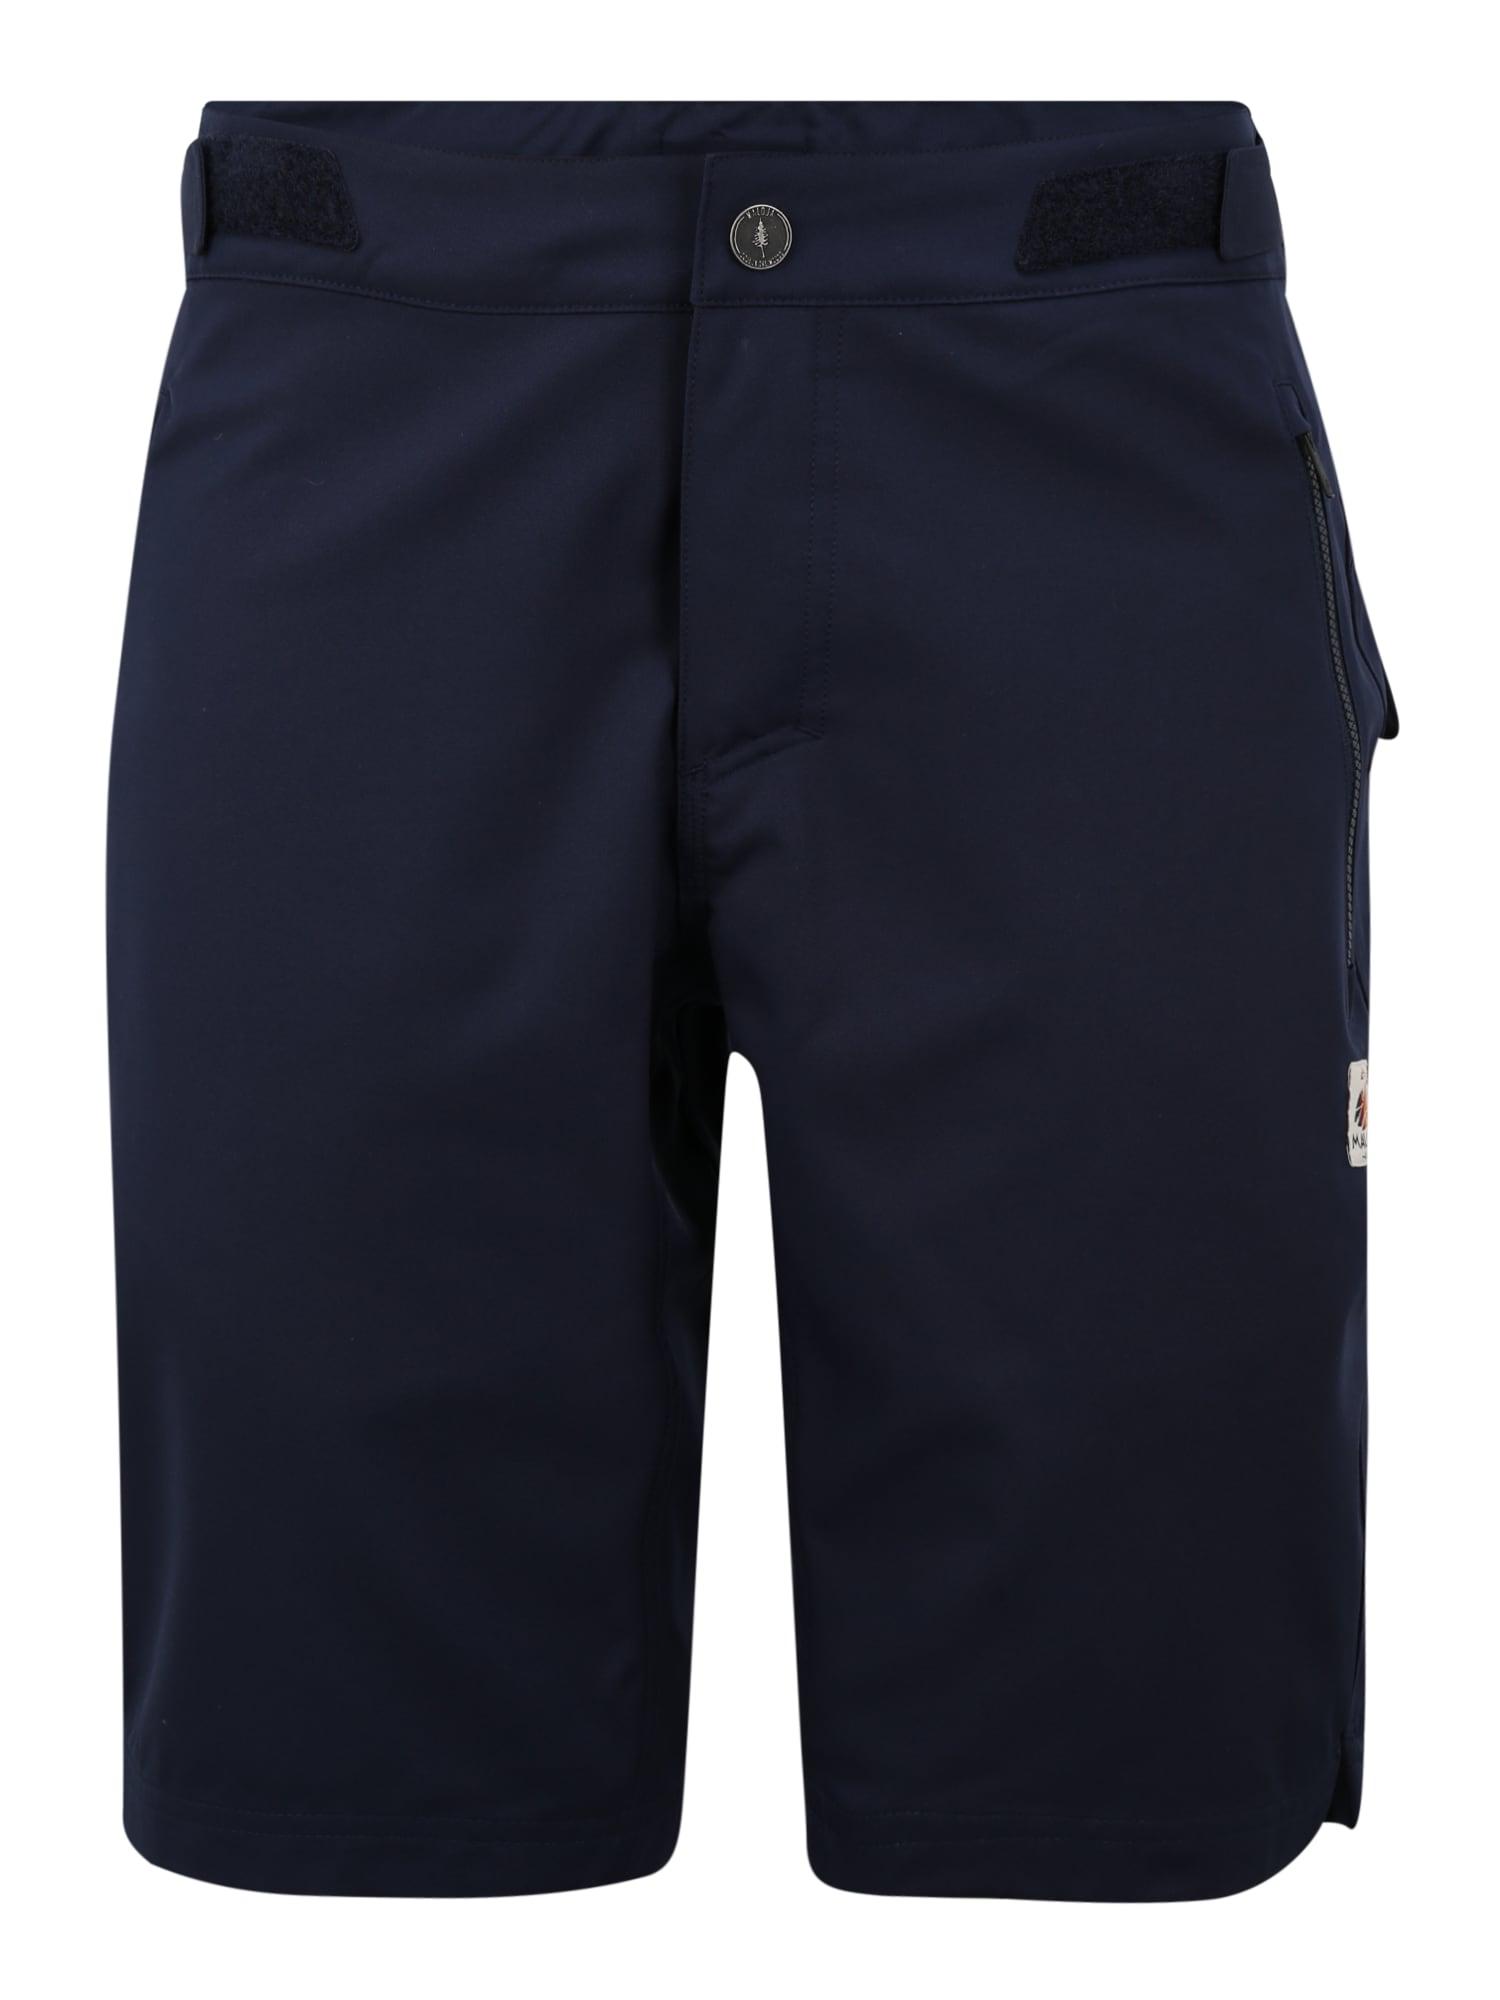 Maloja Sportinės kelnės 'BardinM.' nakties mėlyna